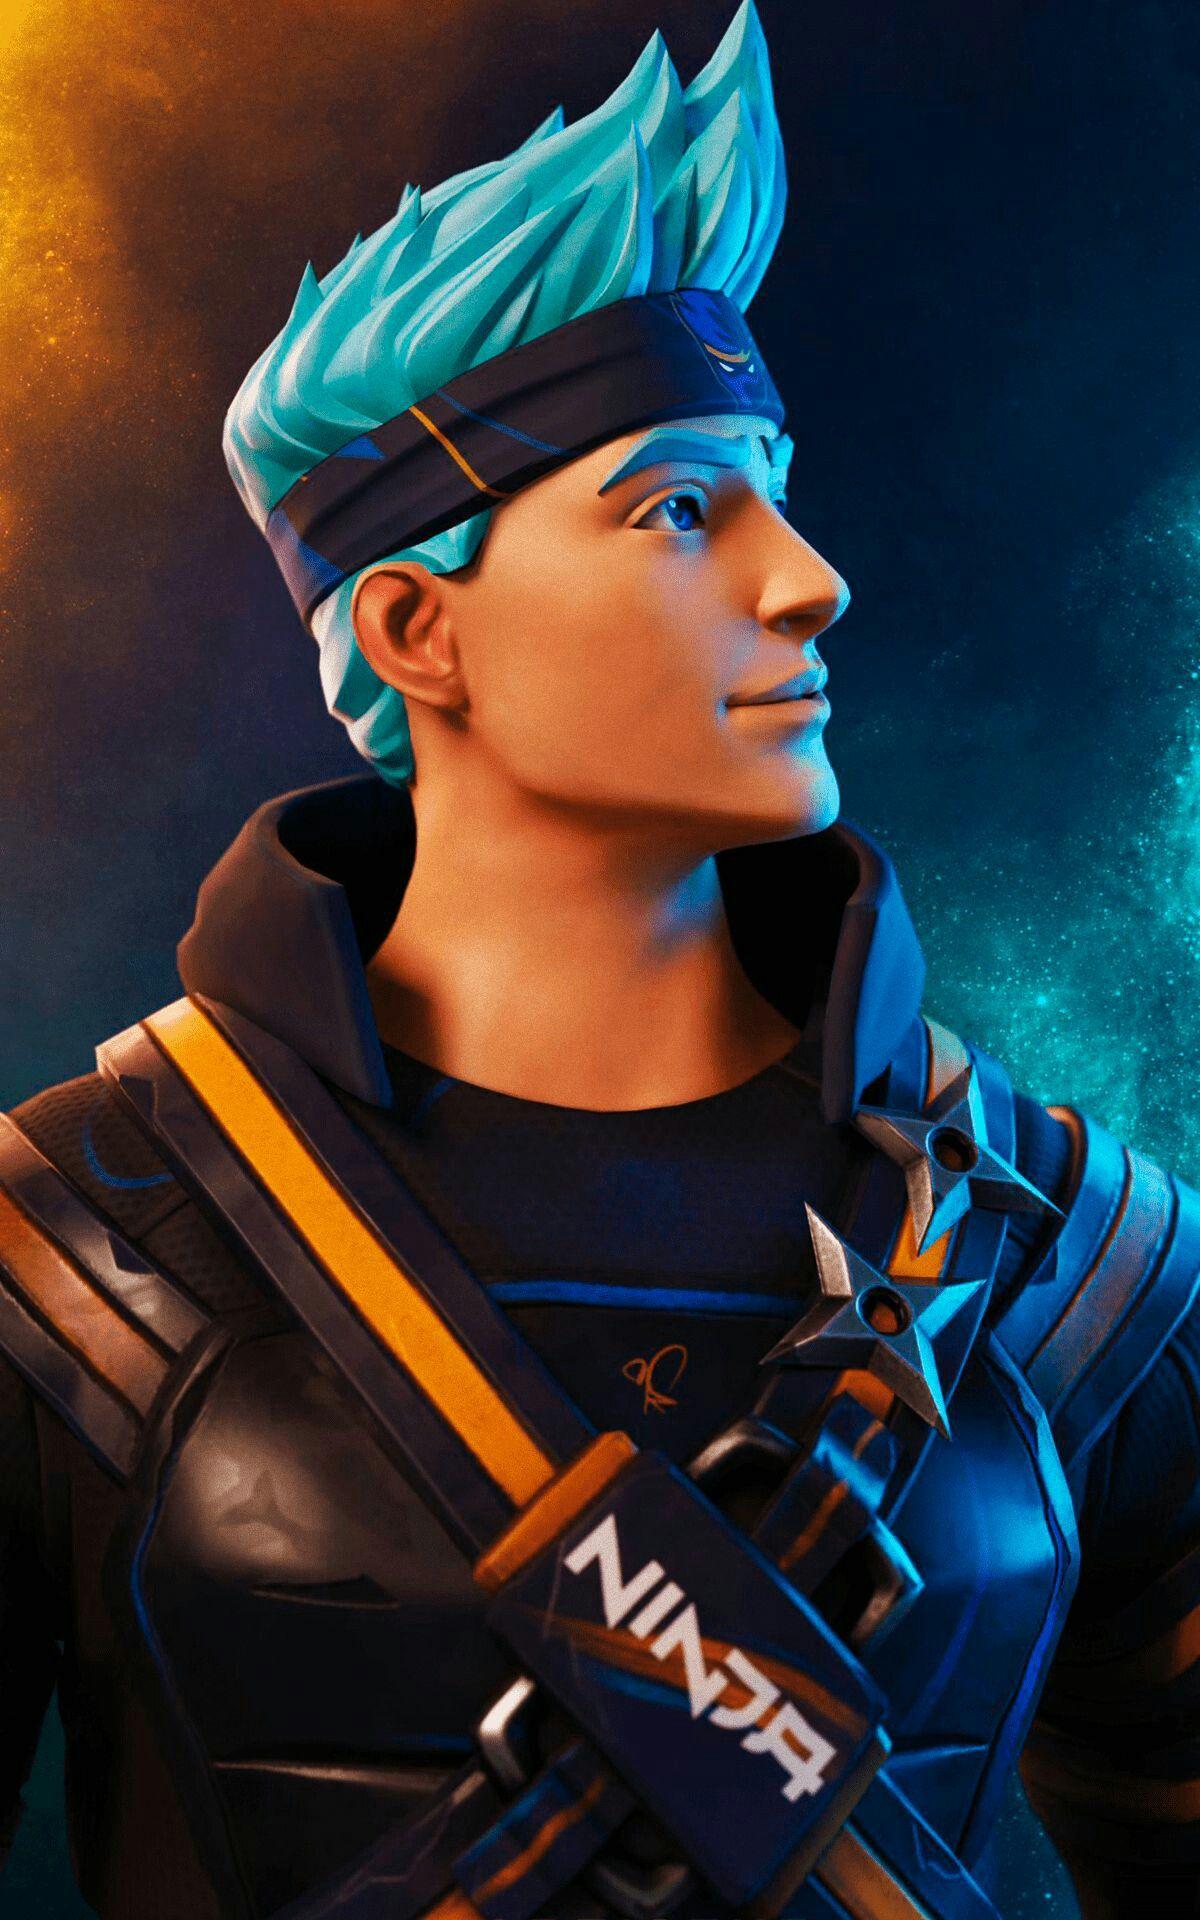 Pin de Mix Gamers en Fortnite Mejores fondos de pantalla